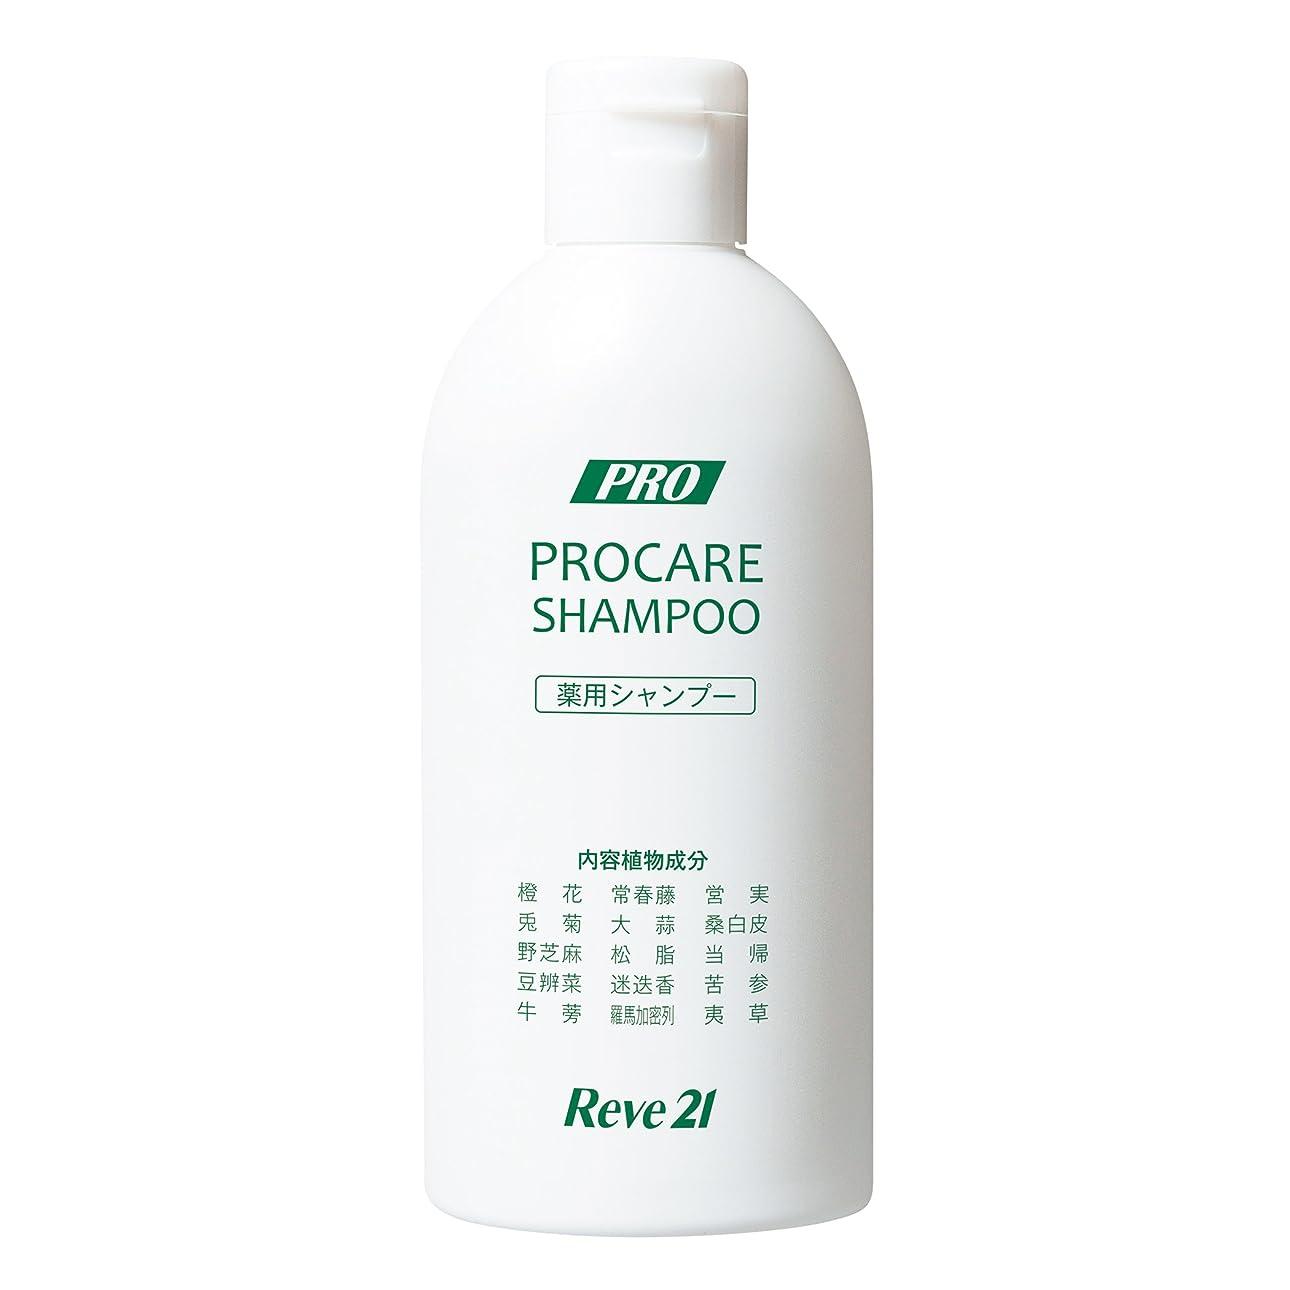 革命ギャップ関連するリーブ21 薬用プロケアシャンプー 200ml[医薬部外品] 育毛 発毛 育毛シャンプー